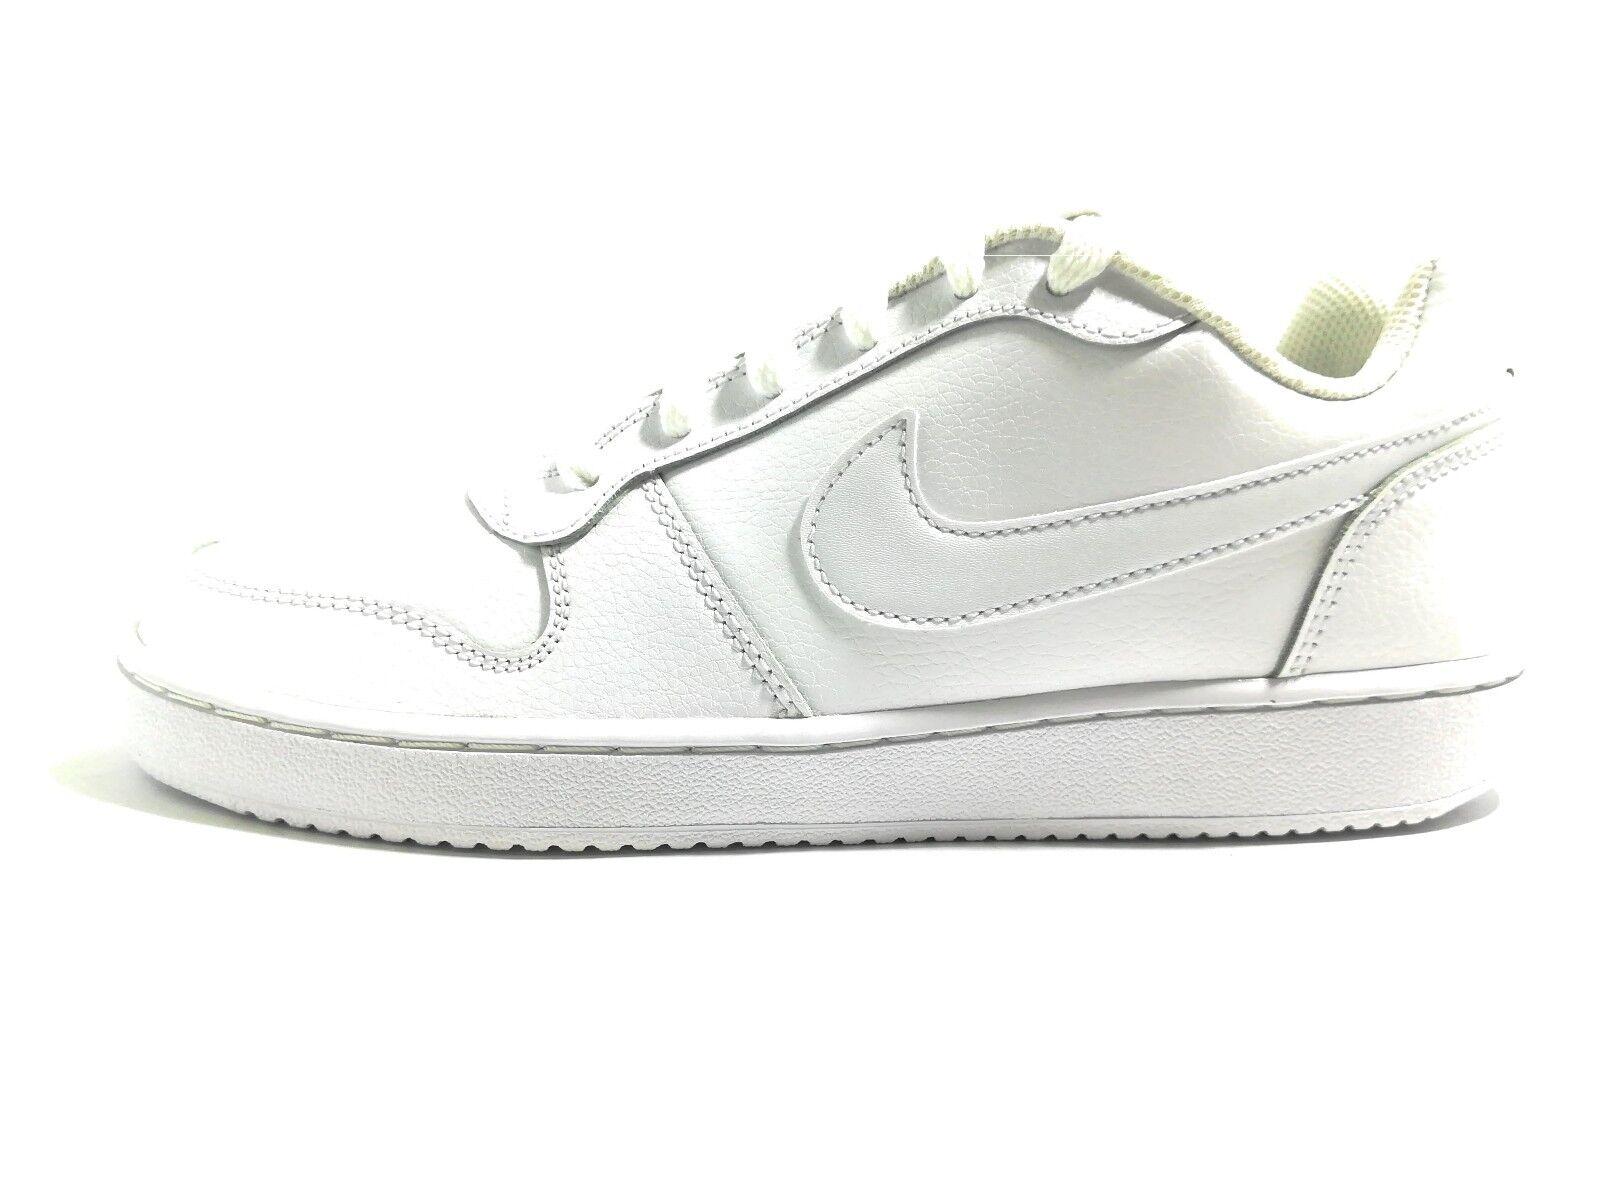 NIKE Ebernon Low Colore Total White Scarpe da Ginnastica AQ1775 100 Bianco